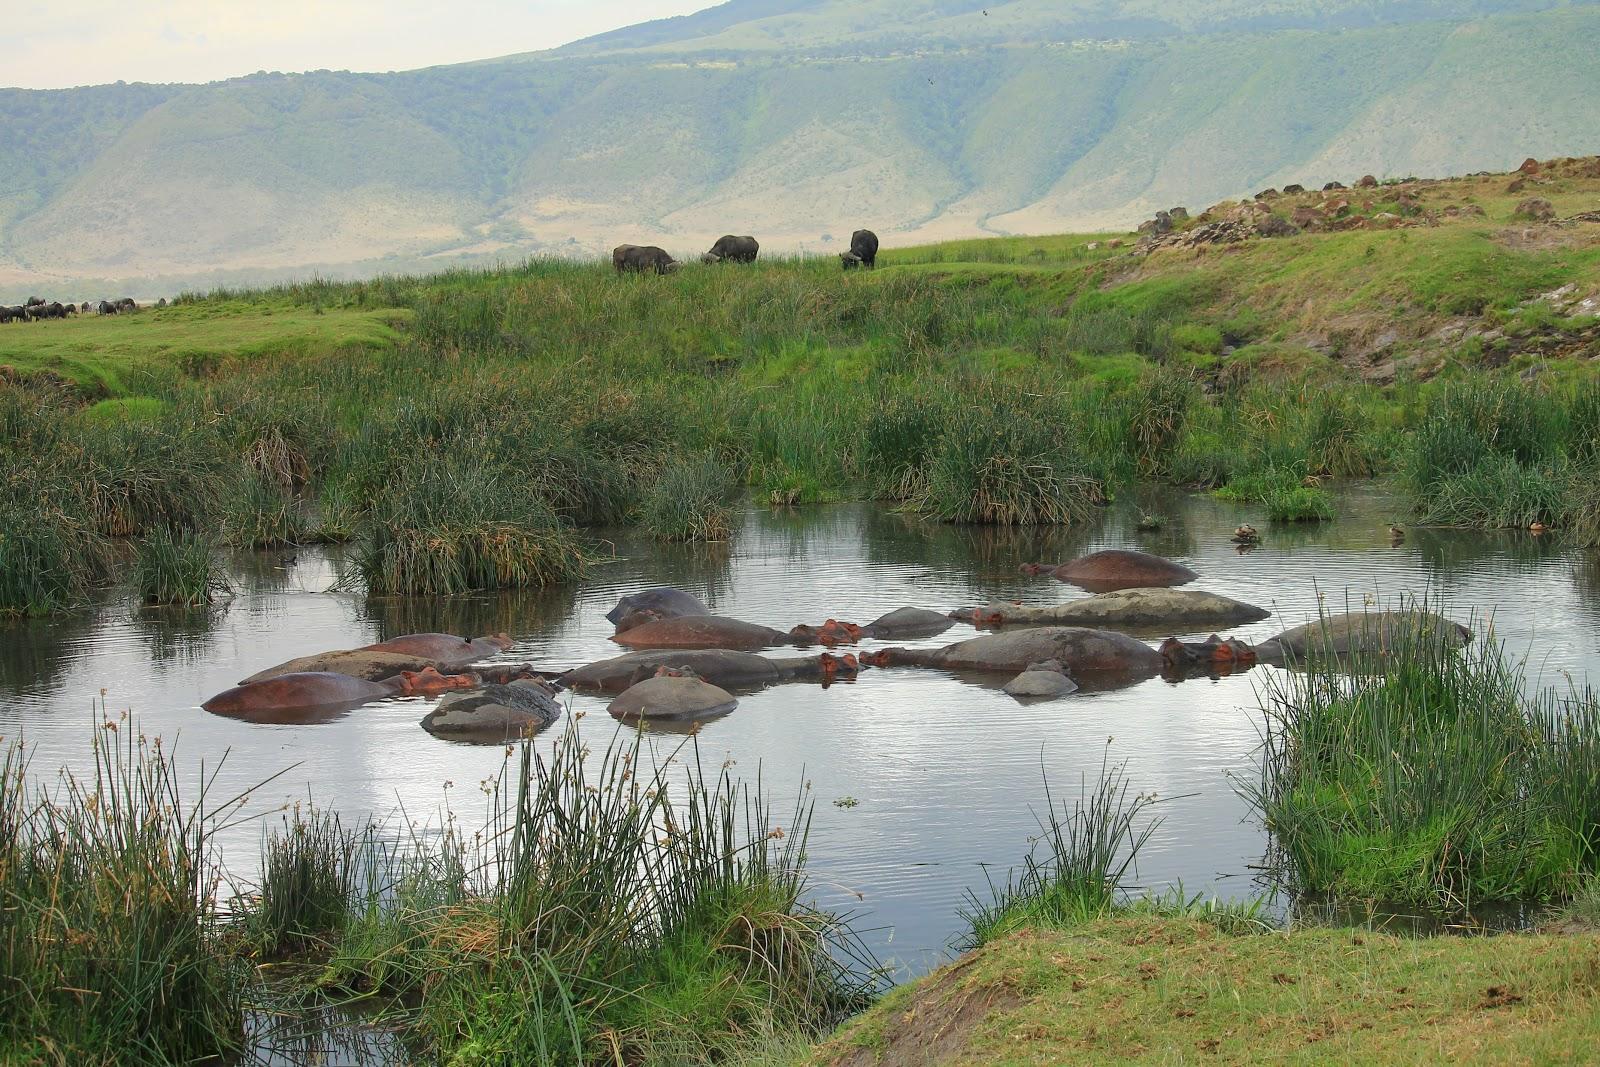 Hrochy, ktoré takmer vôbec nevychádzajú z jazierka, Ngorongoro